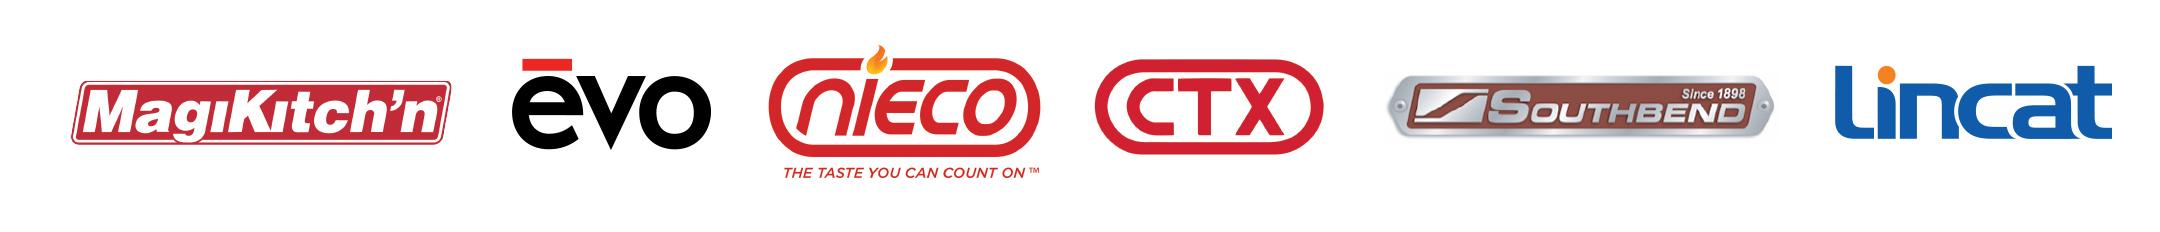 Steak & Burger Logos